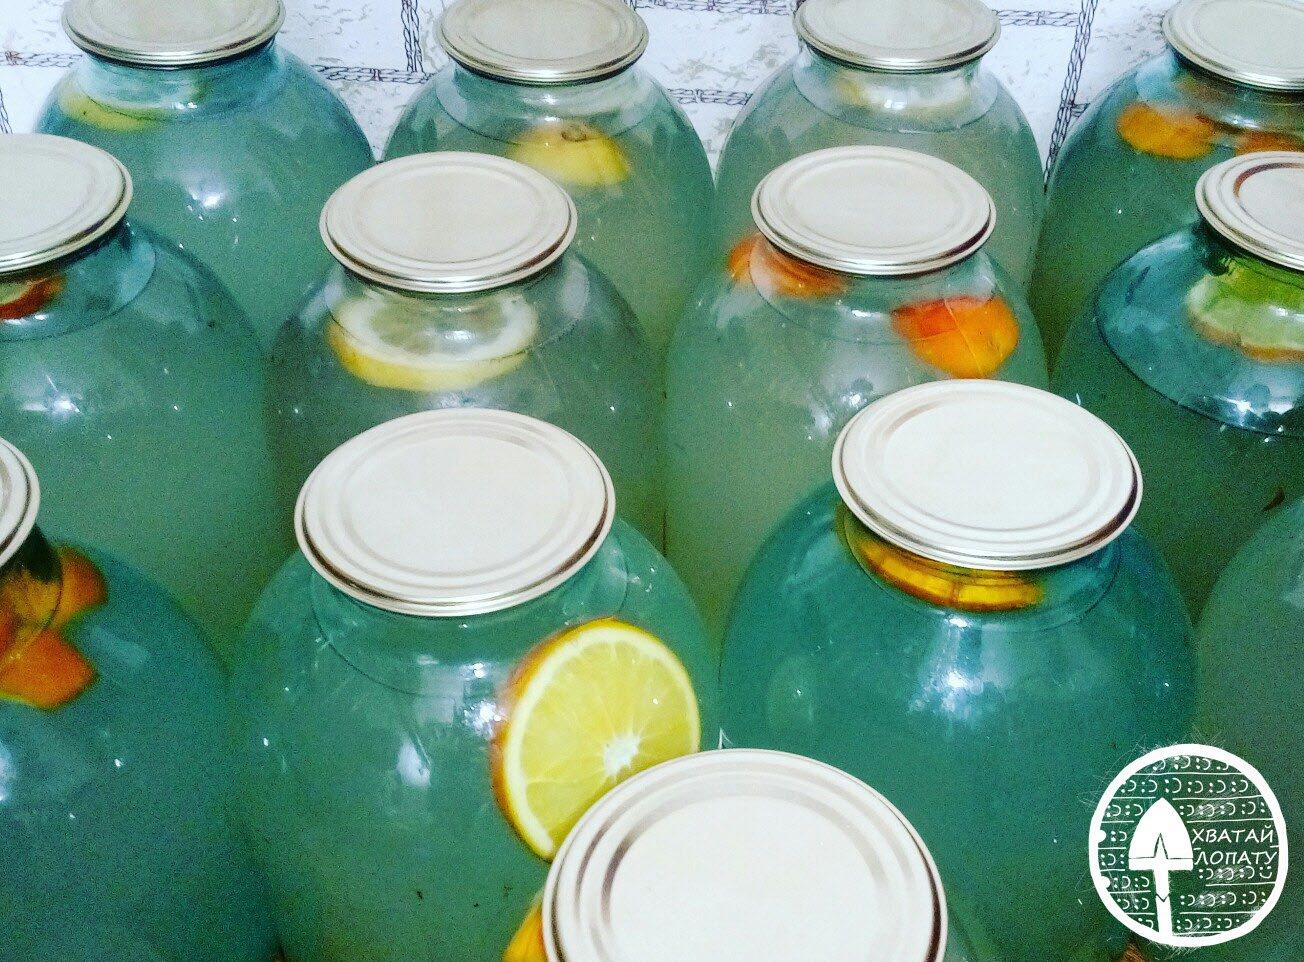 Как правильно закатывать березовый сок? заготовка березового сока на зиму